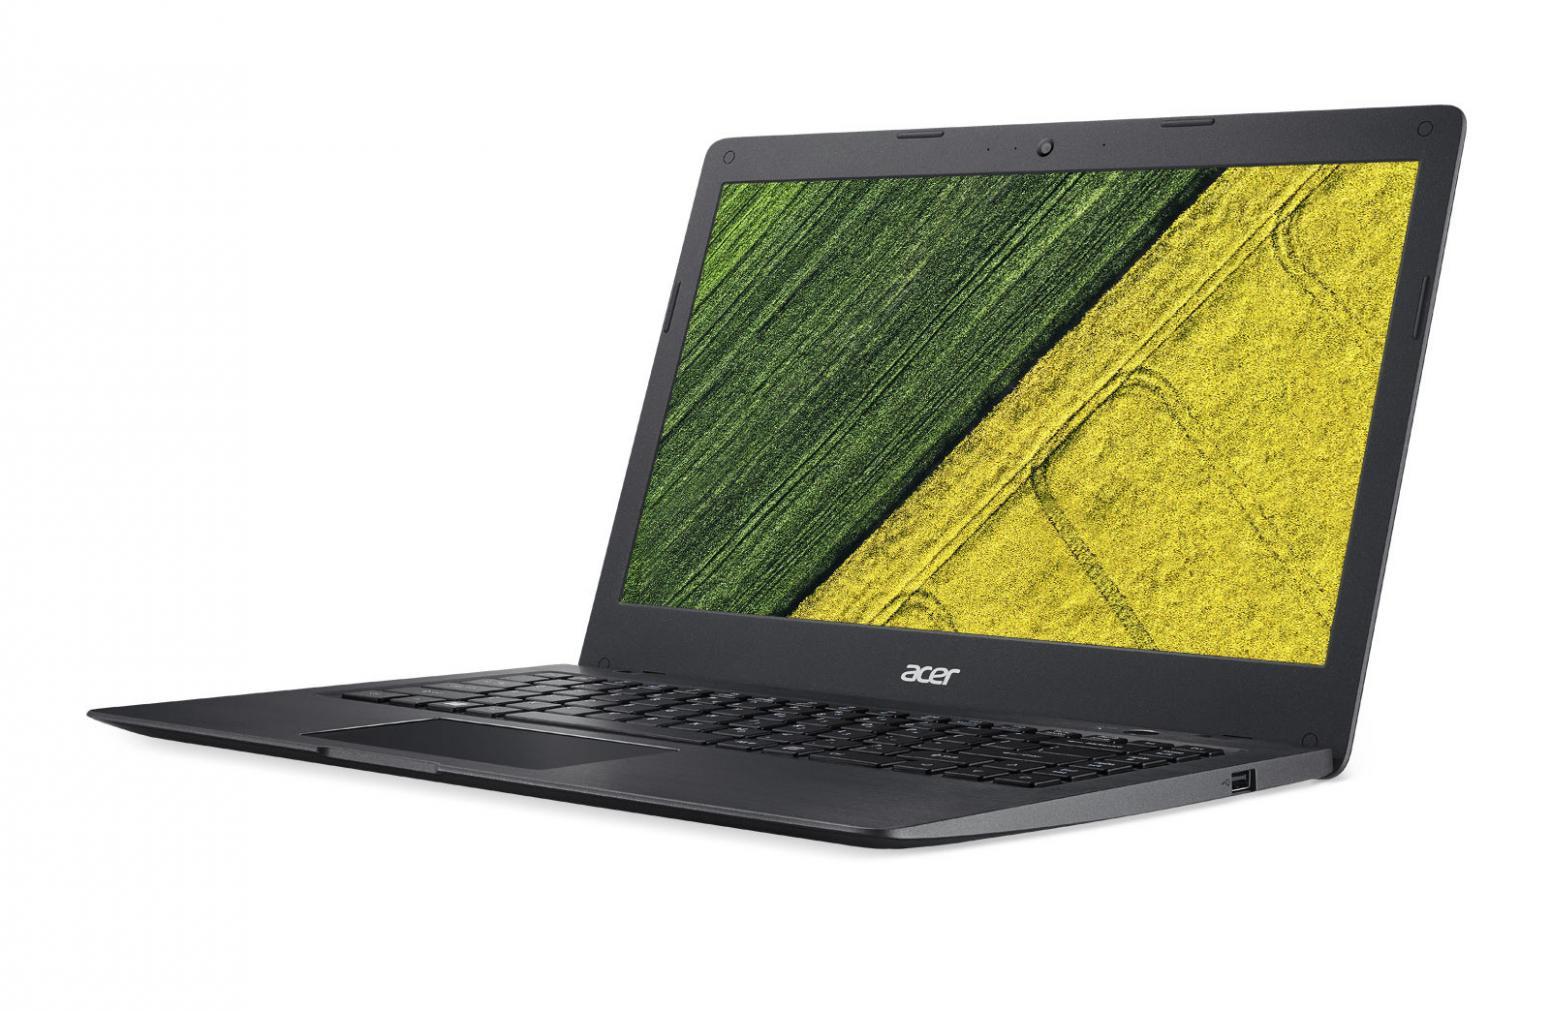 Ordinateur portable Acer Swift 1 SF114-31-P6BW Noir - photo 2